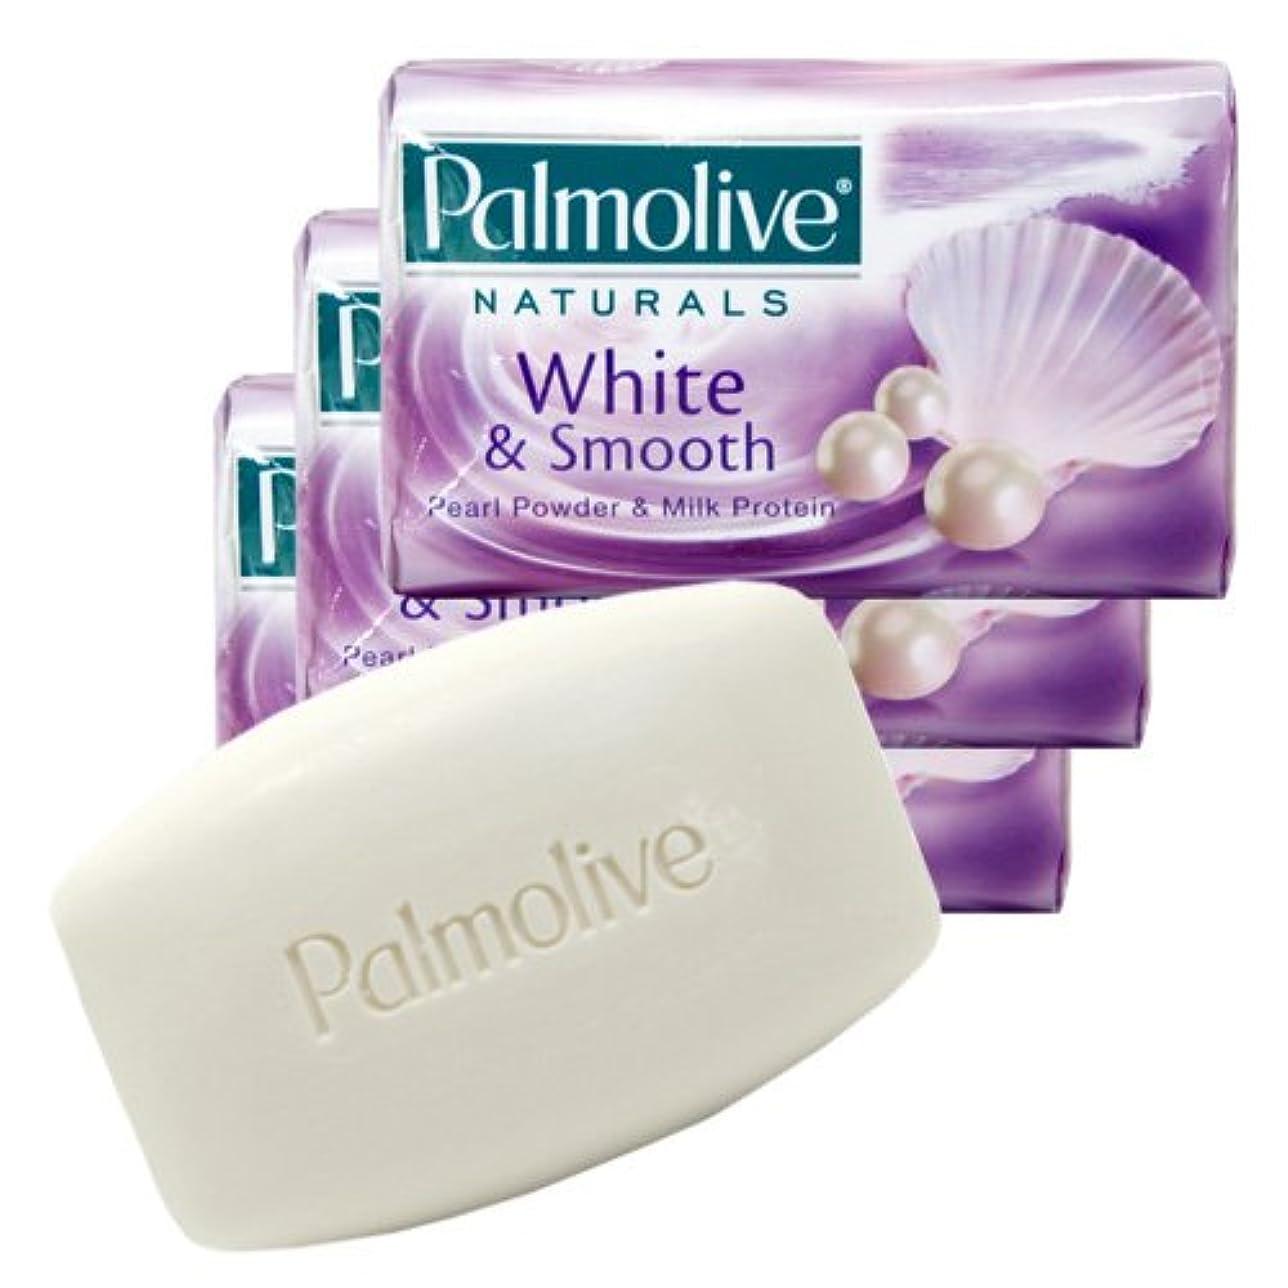 ポータル時期尚早早い【Palmolive】パルモリーブ ナチュラルズ石鹸3個パック ホワイト&スムース(パールパウダー&ミルクプロテイン)80g×3